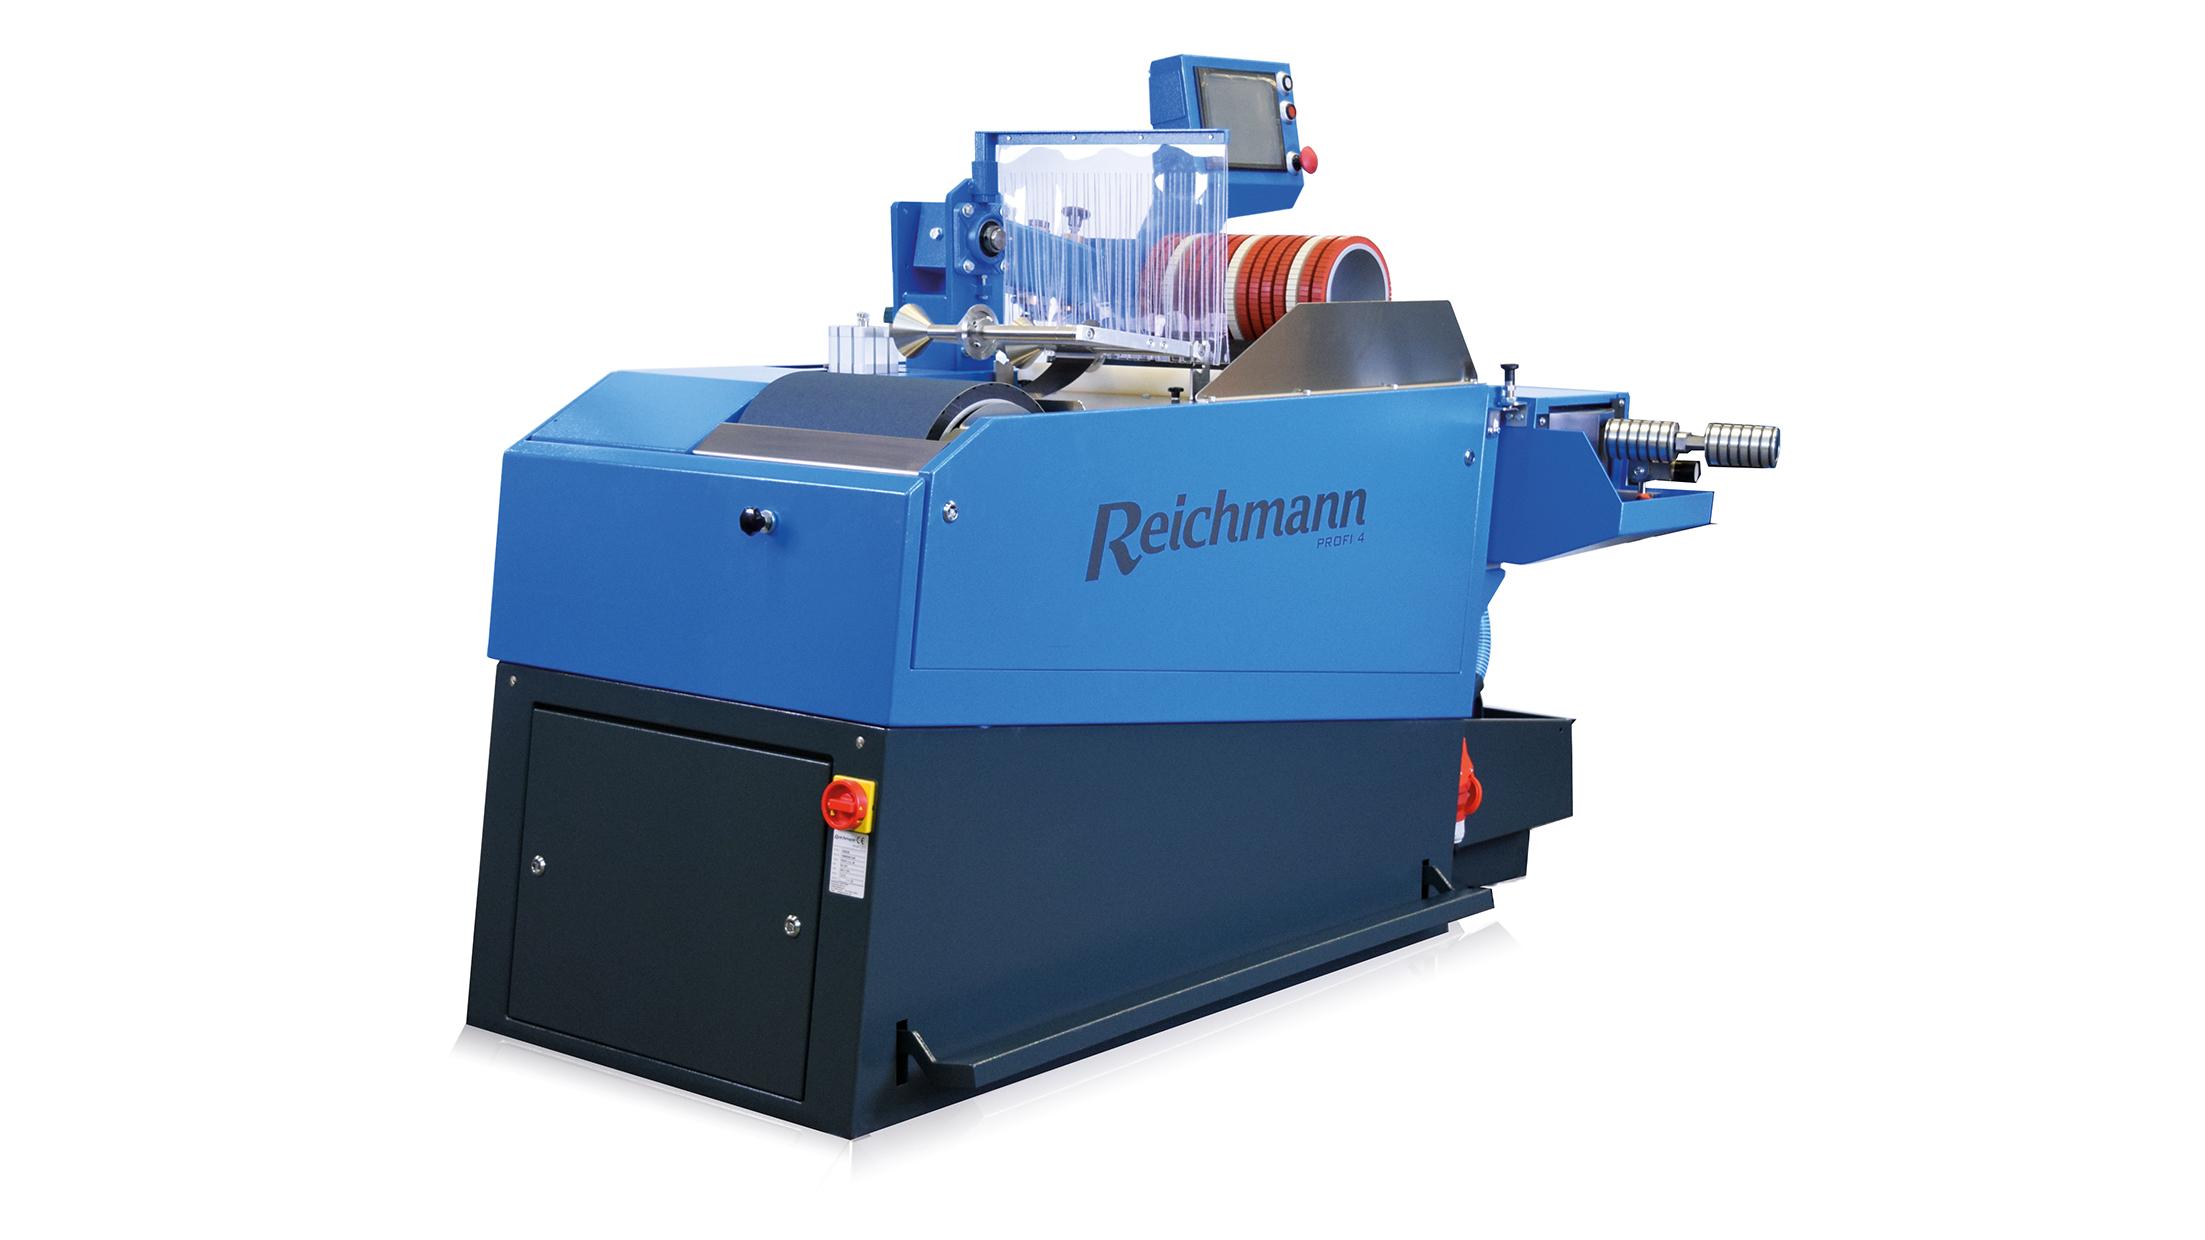 reichmann-servicemaschinen-belagbearbeitung-profi-4-16zu9 (1)